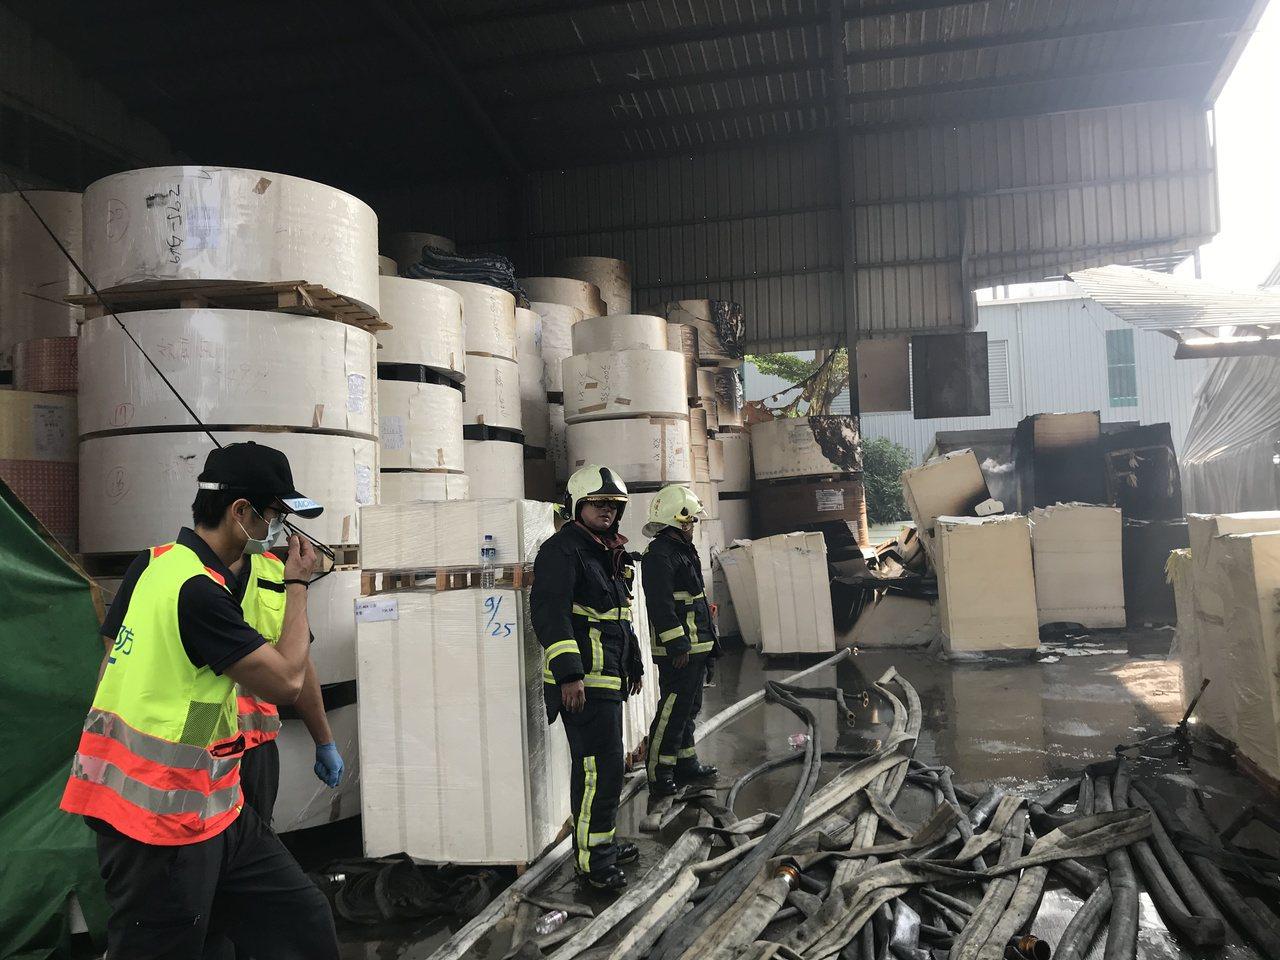 鐵皮工廠左側建物外側仍堆放許多貨品。記者林佩均/攝影